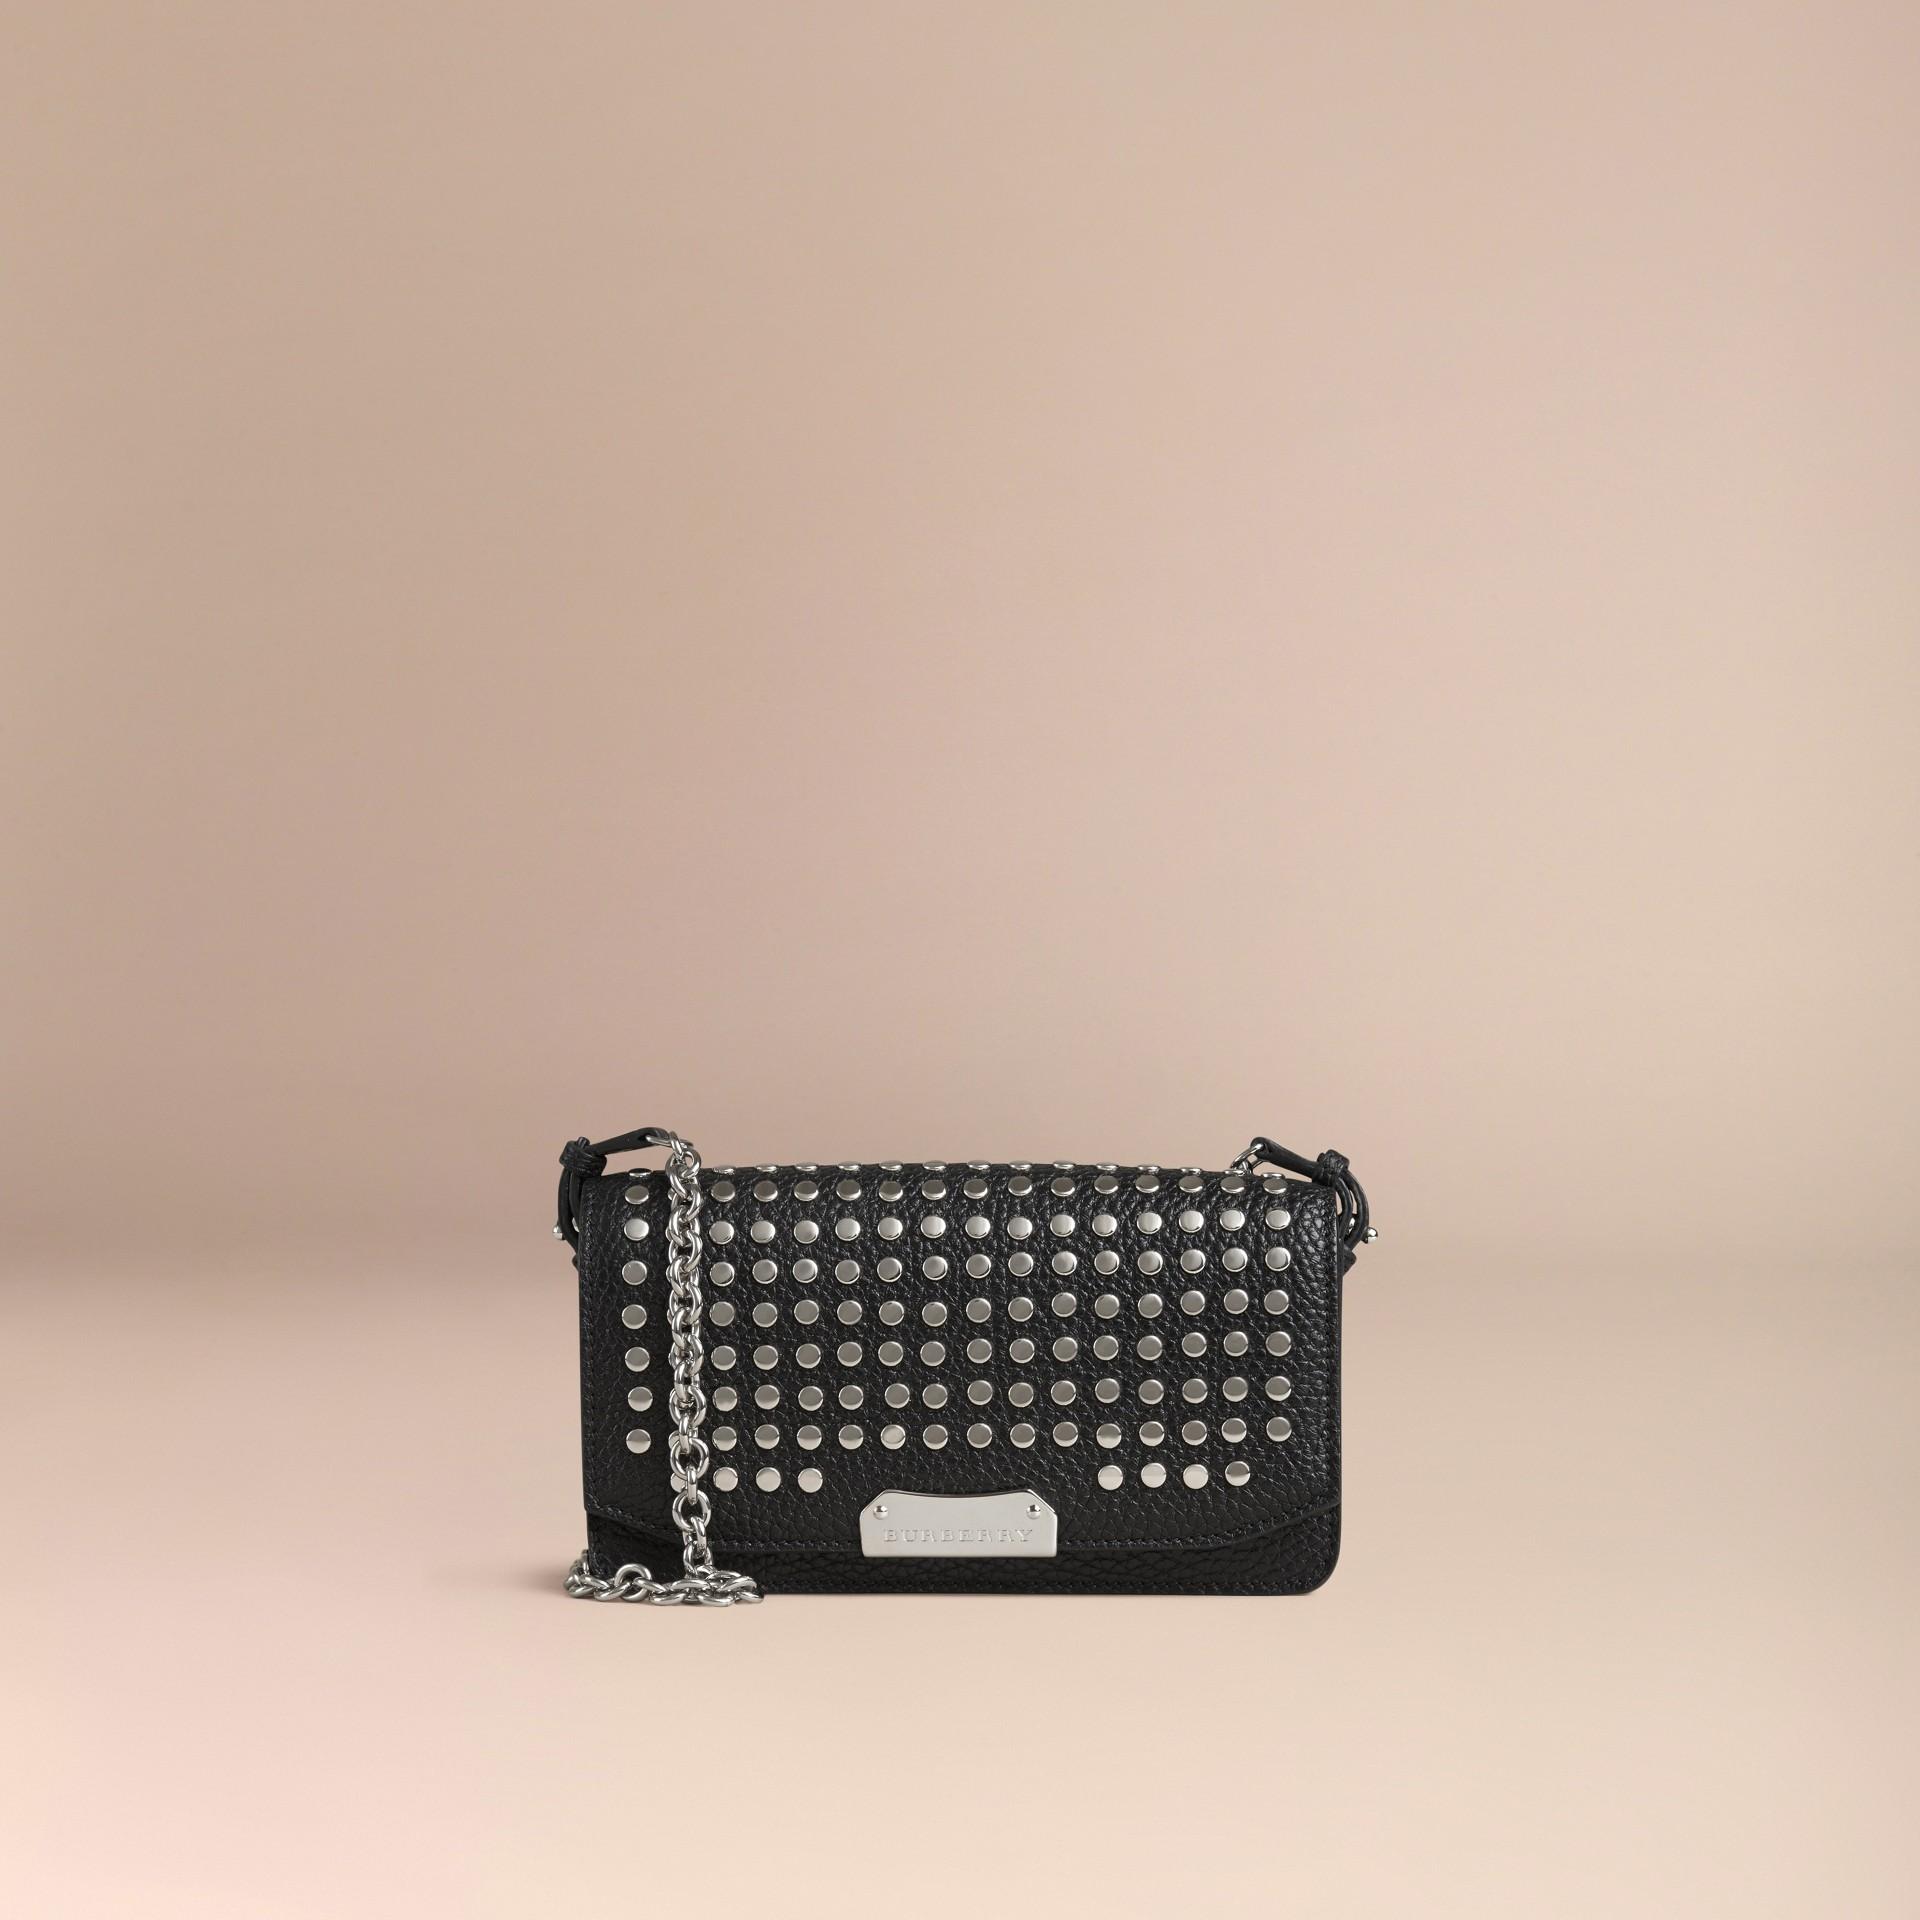 Negro Bolso de mano en piel con tachuelas y cadena - imagen de la galería 7